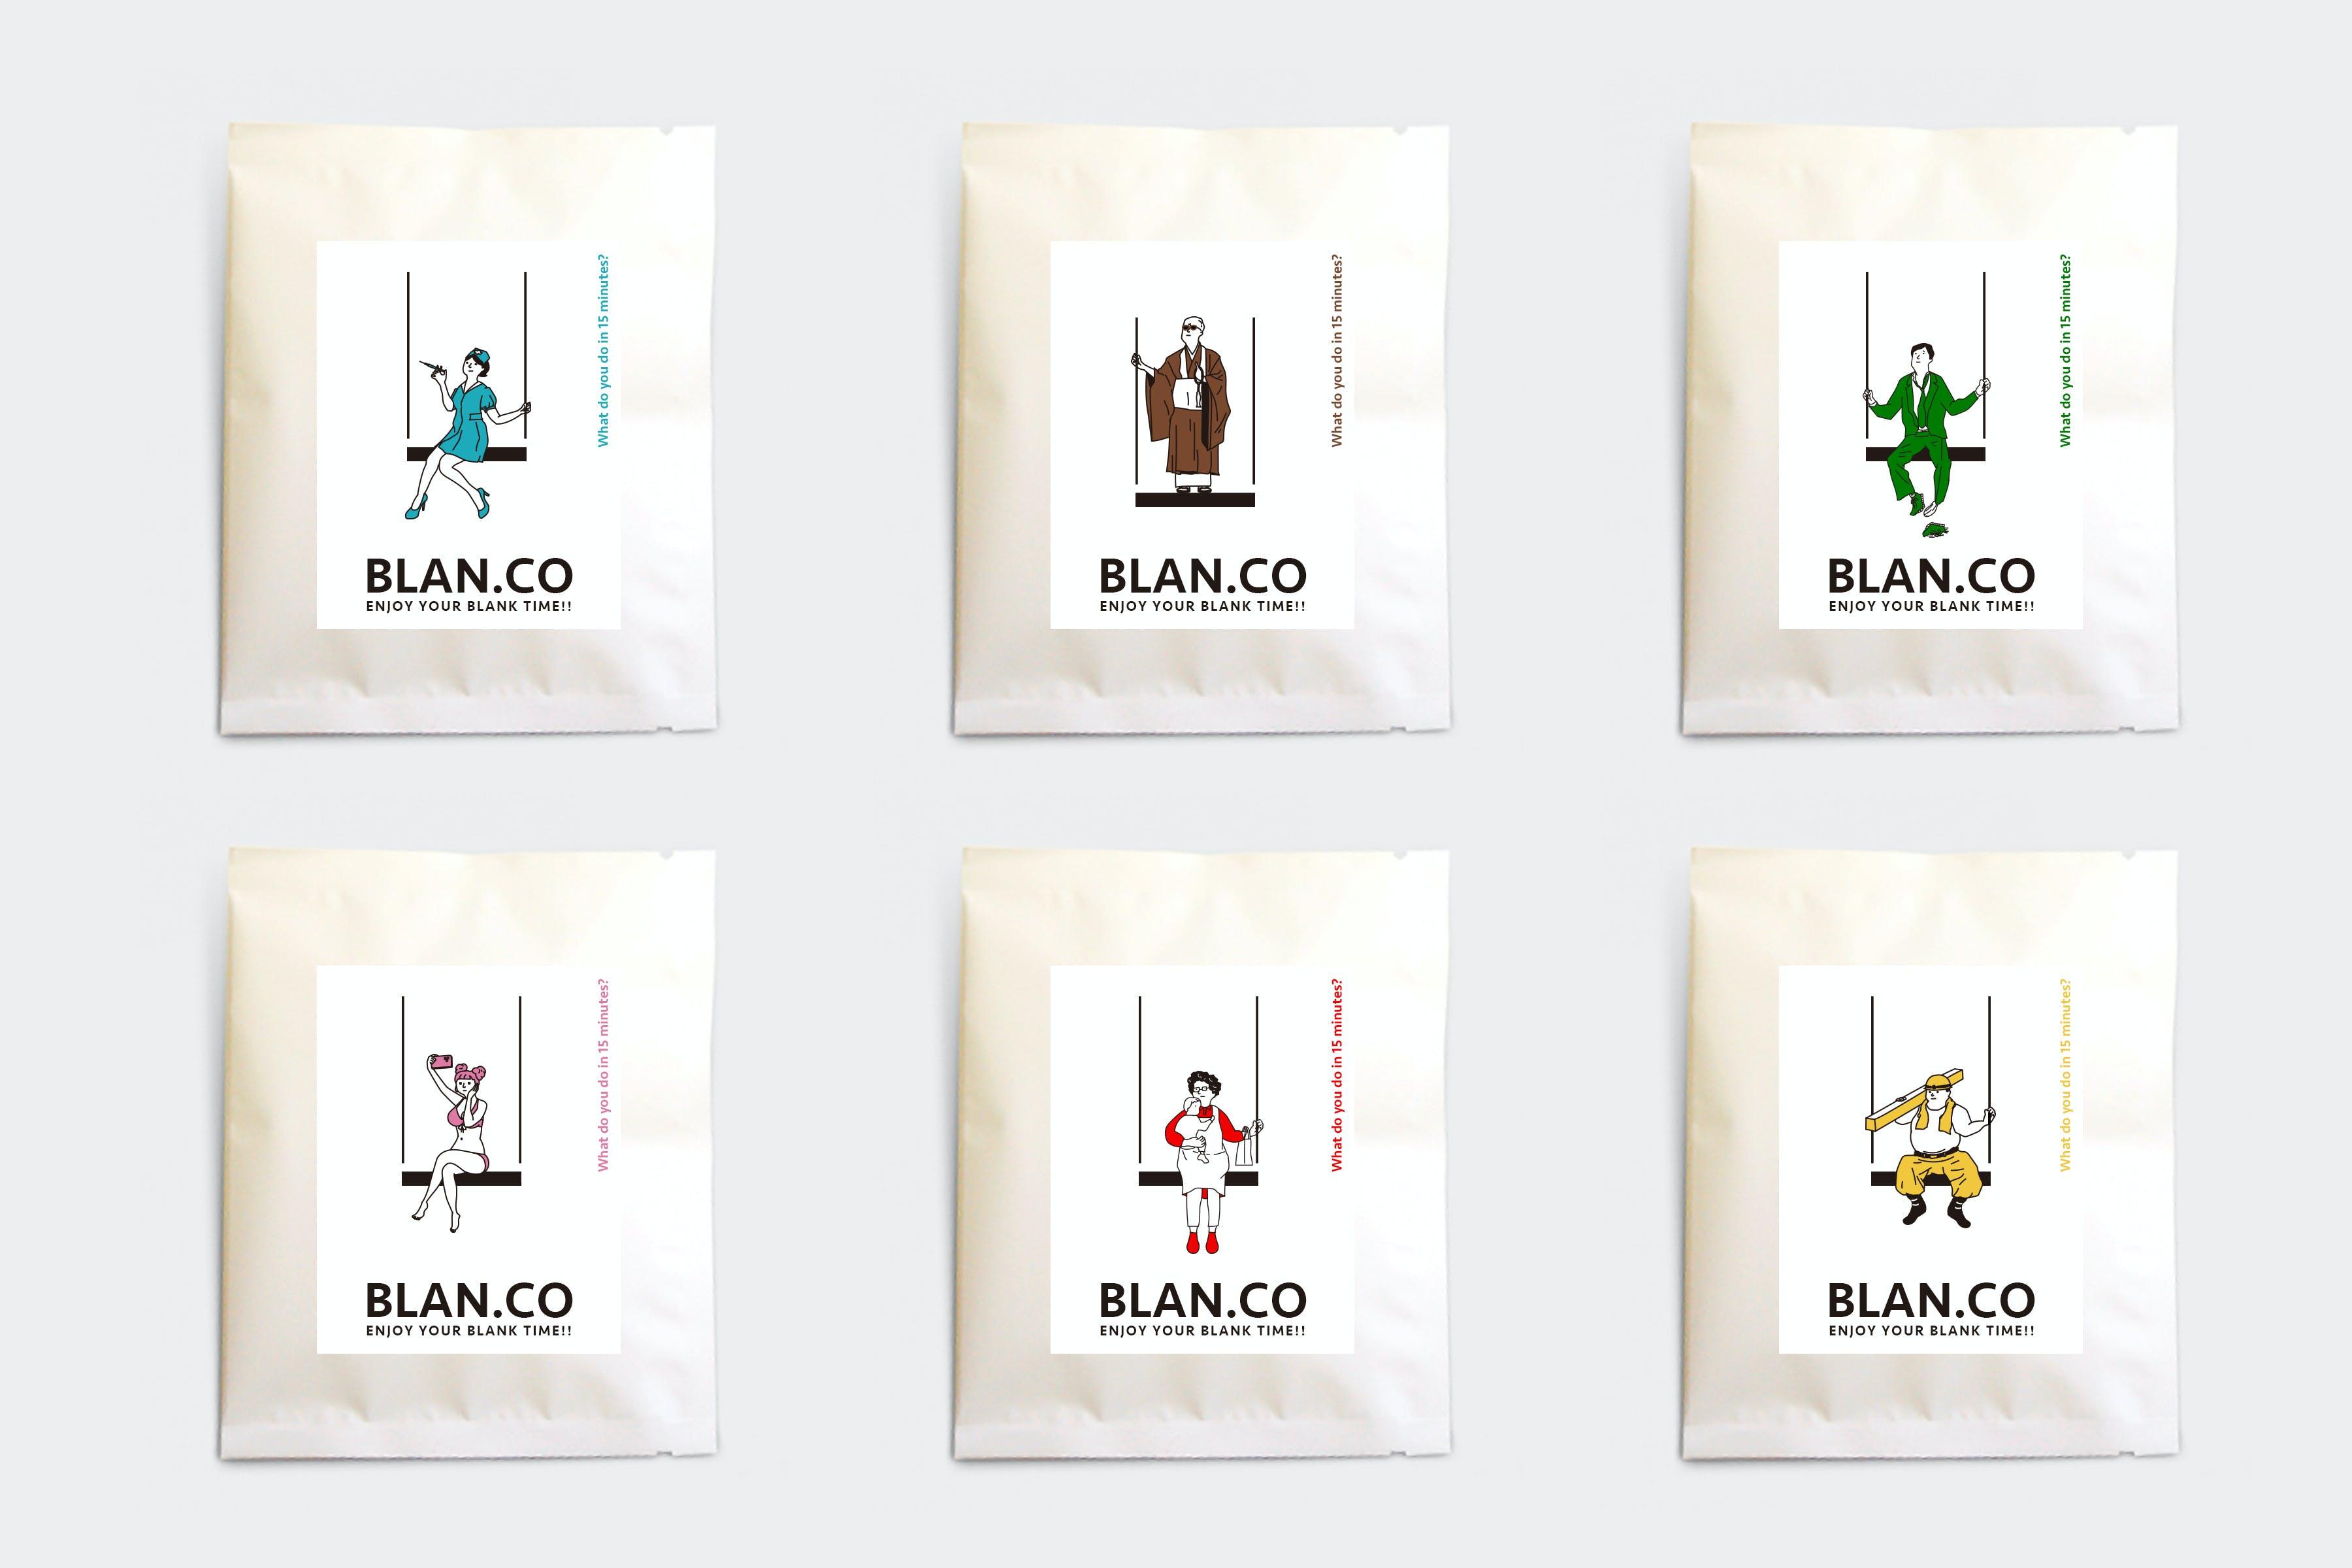 忙しいあなたの1日にほっとする15分の余白を。話題のコーヒーブランド「BLAN.CO」が10/3に久屋大通公園でポップアップ出店! - package all  1